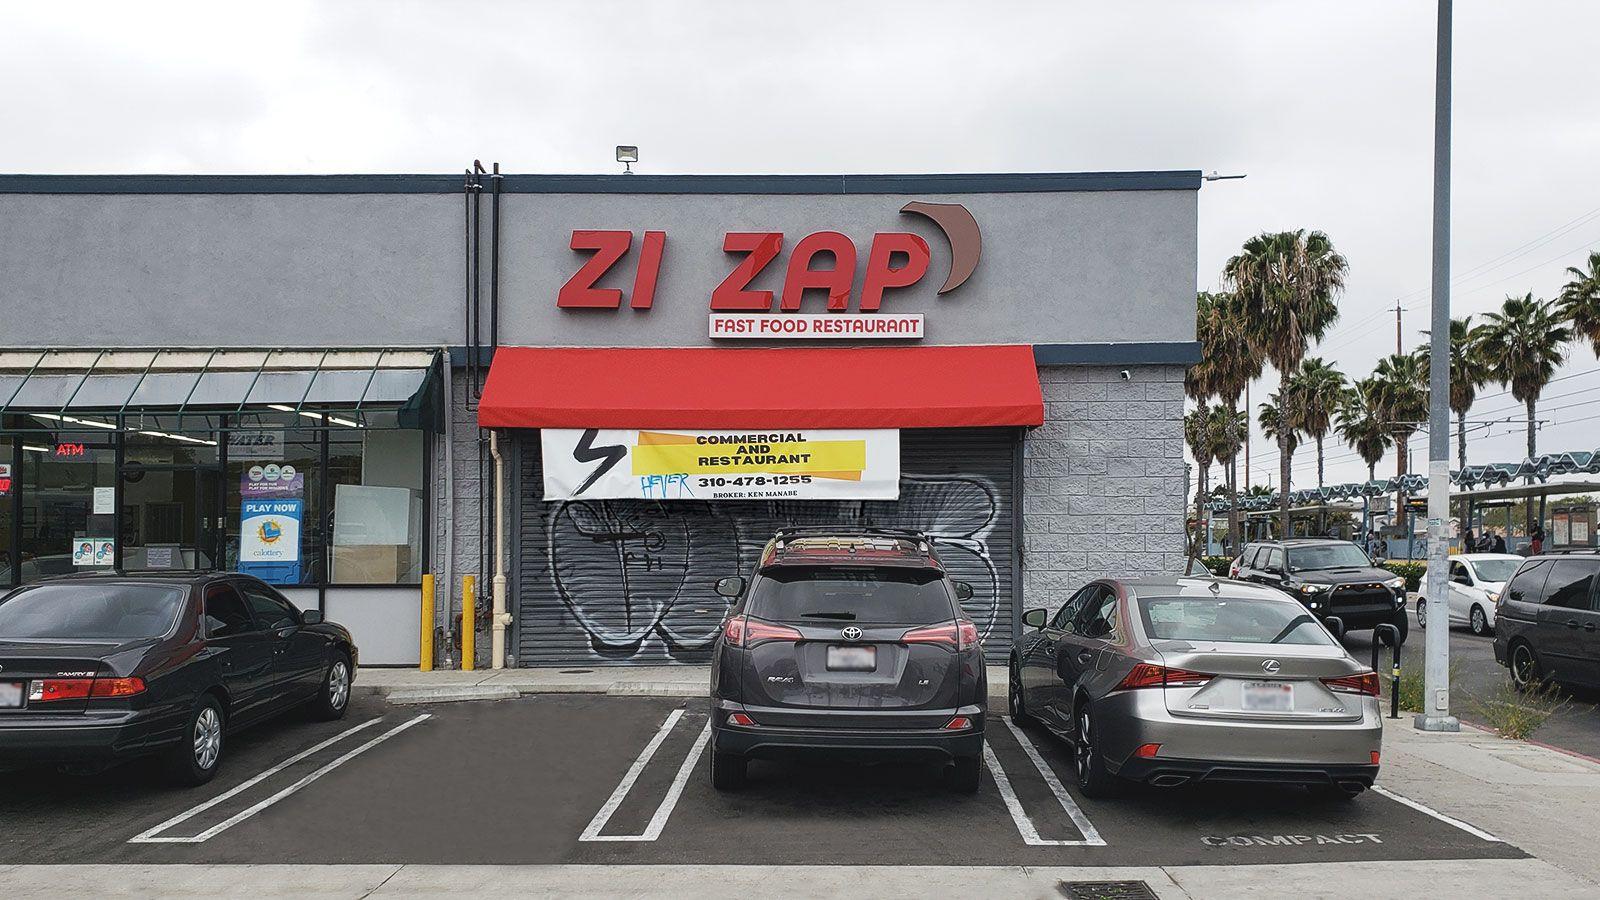 Zi Zap restaurant signs